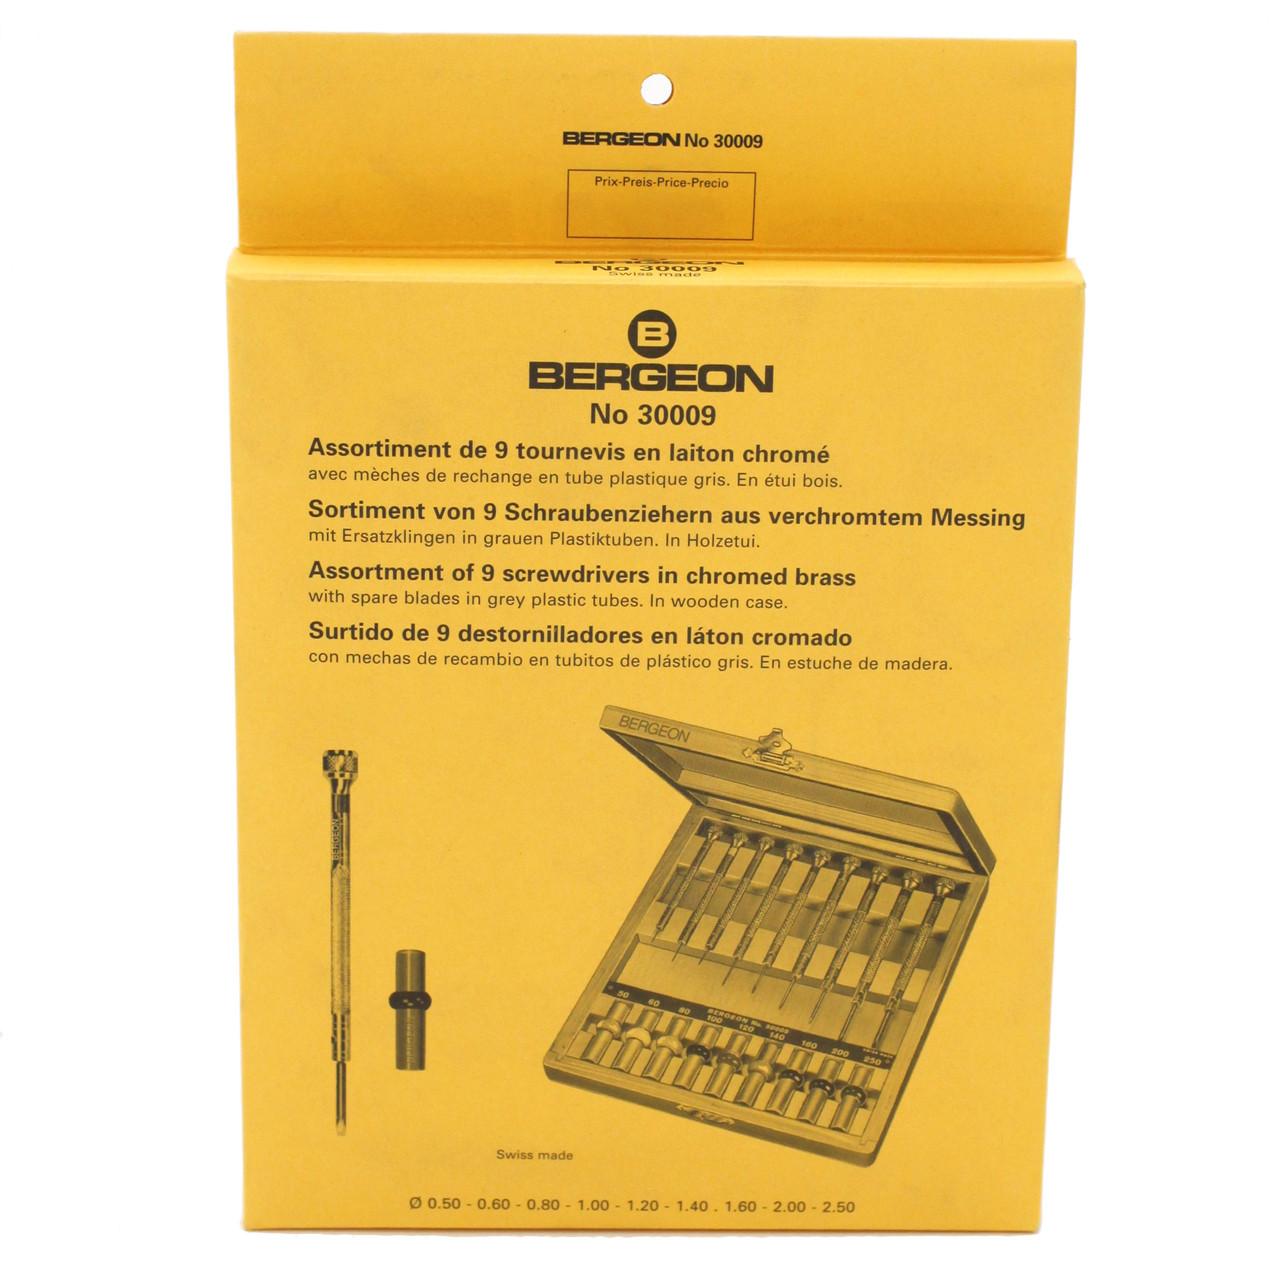 Bergeon Packaging